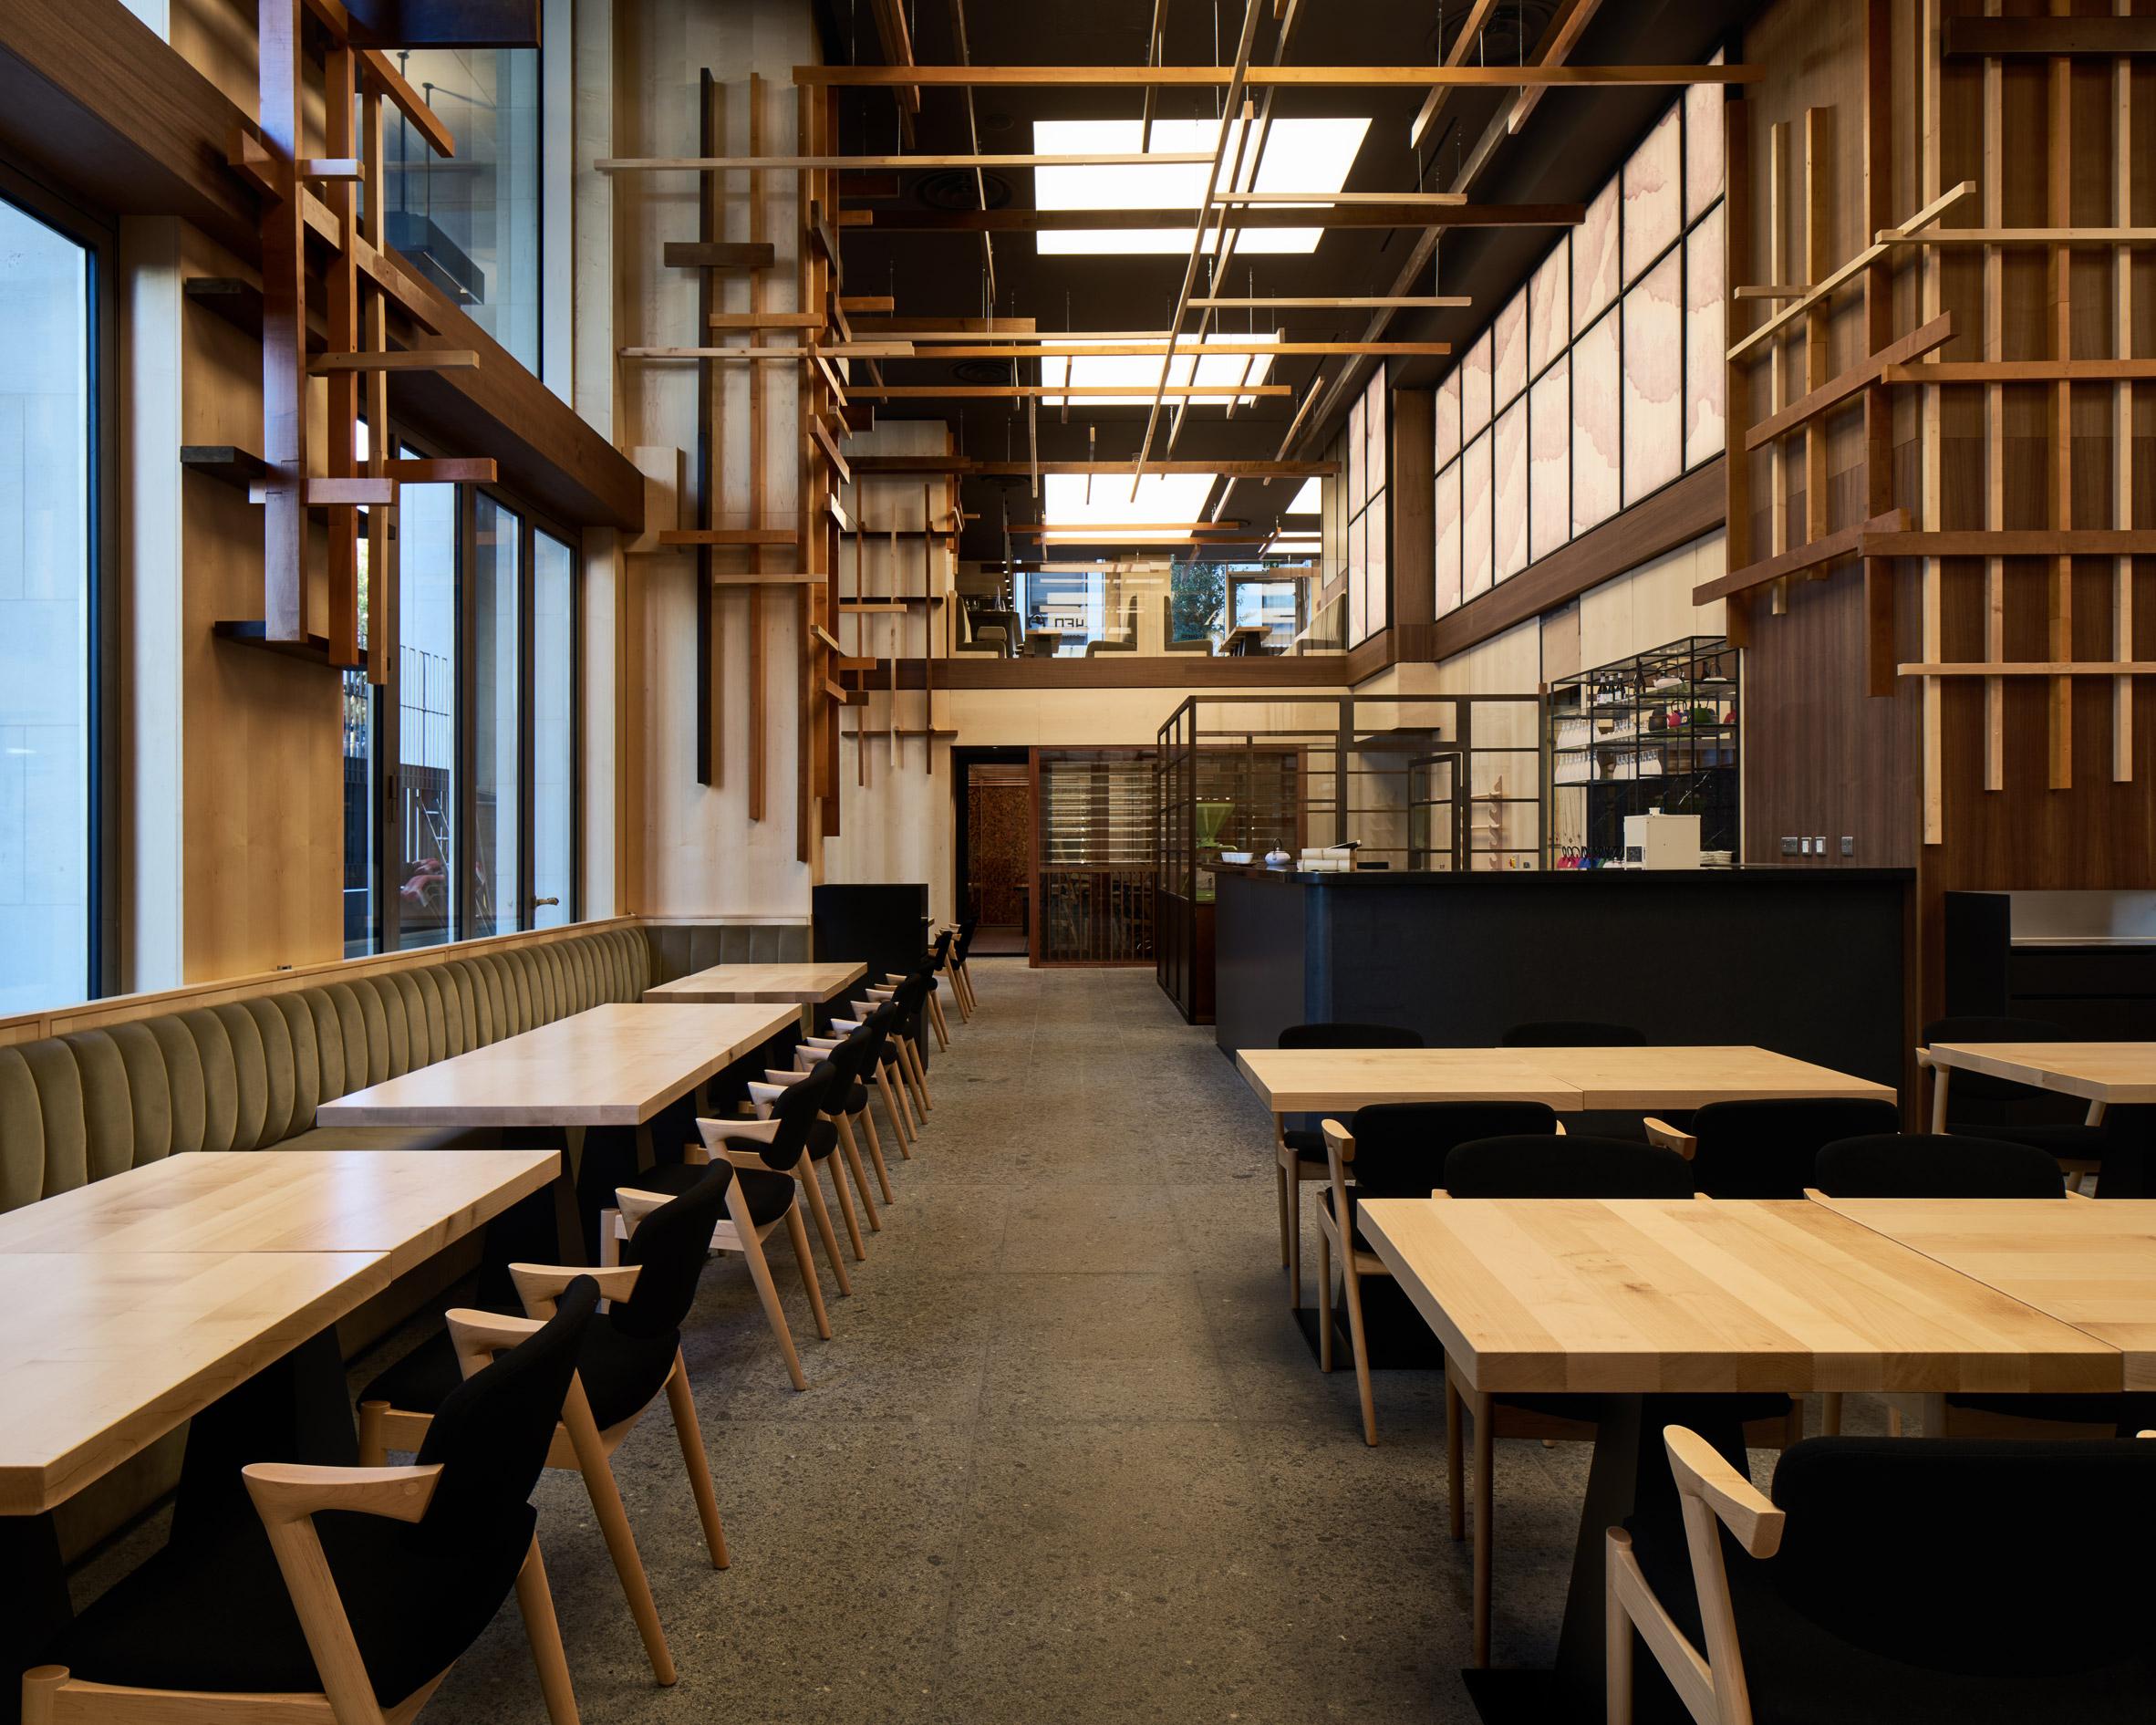 Thiết kế nội thất nhà hàng Nhật Bàn 13